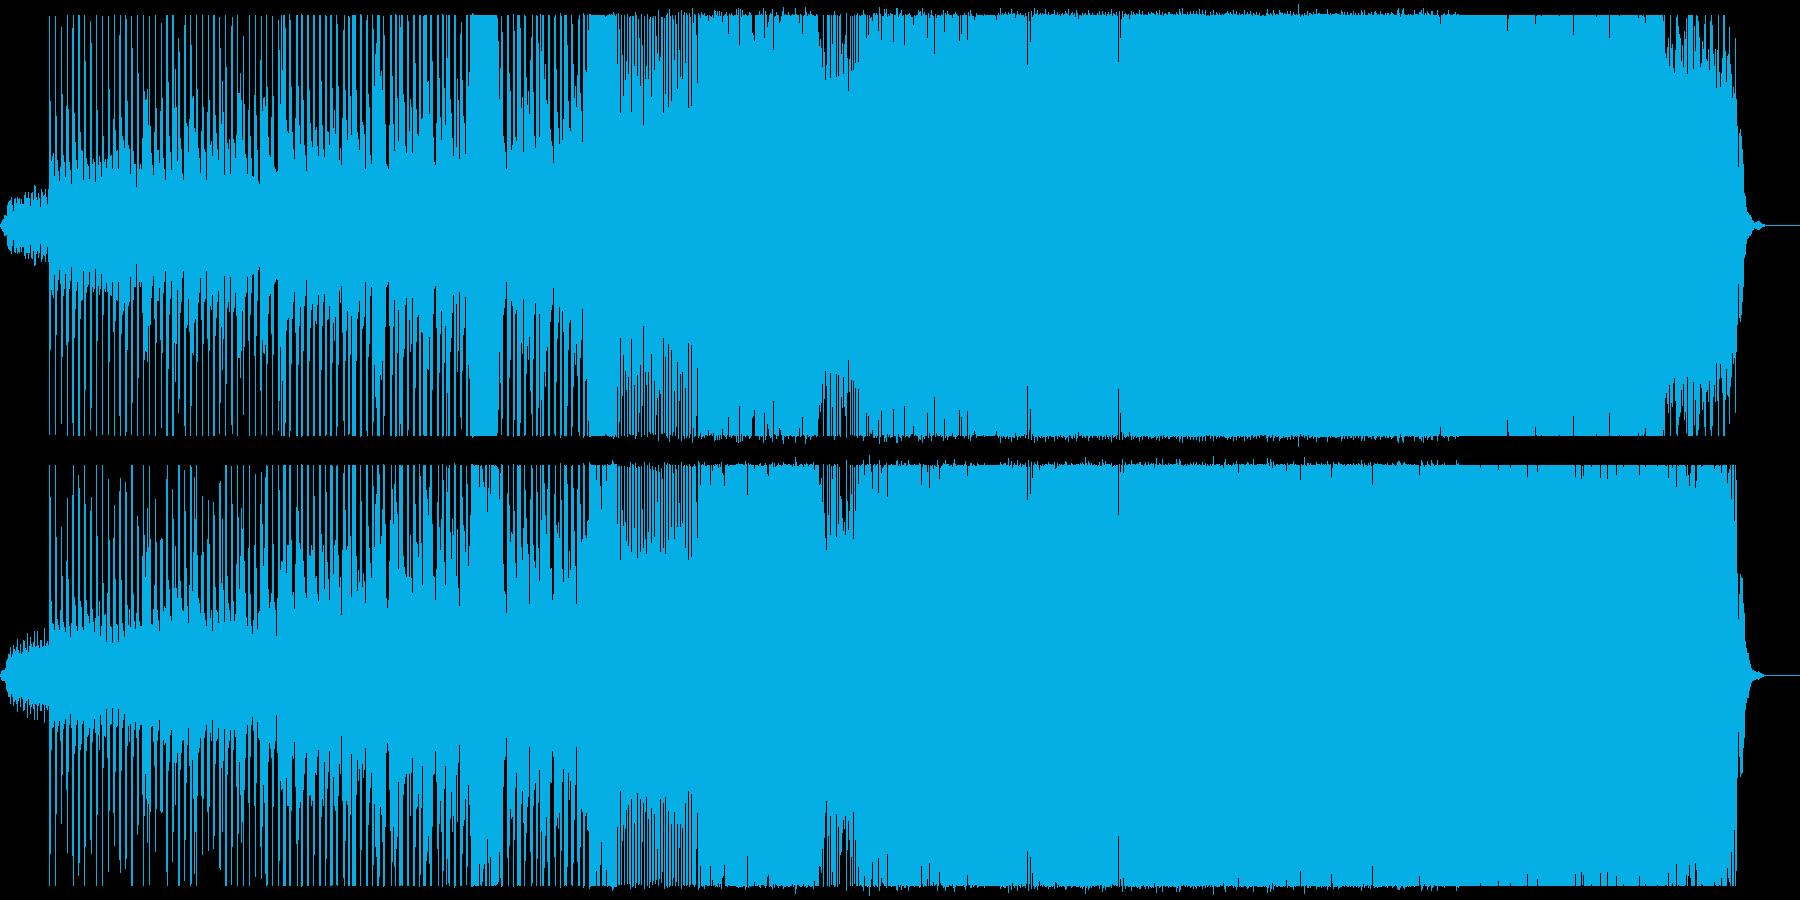 段階的に曲調が変化するインスト曲の再生済みの波形